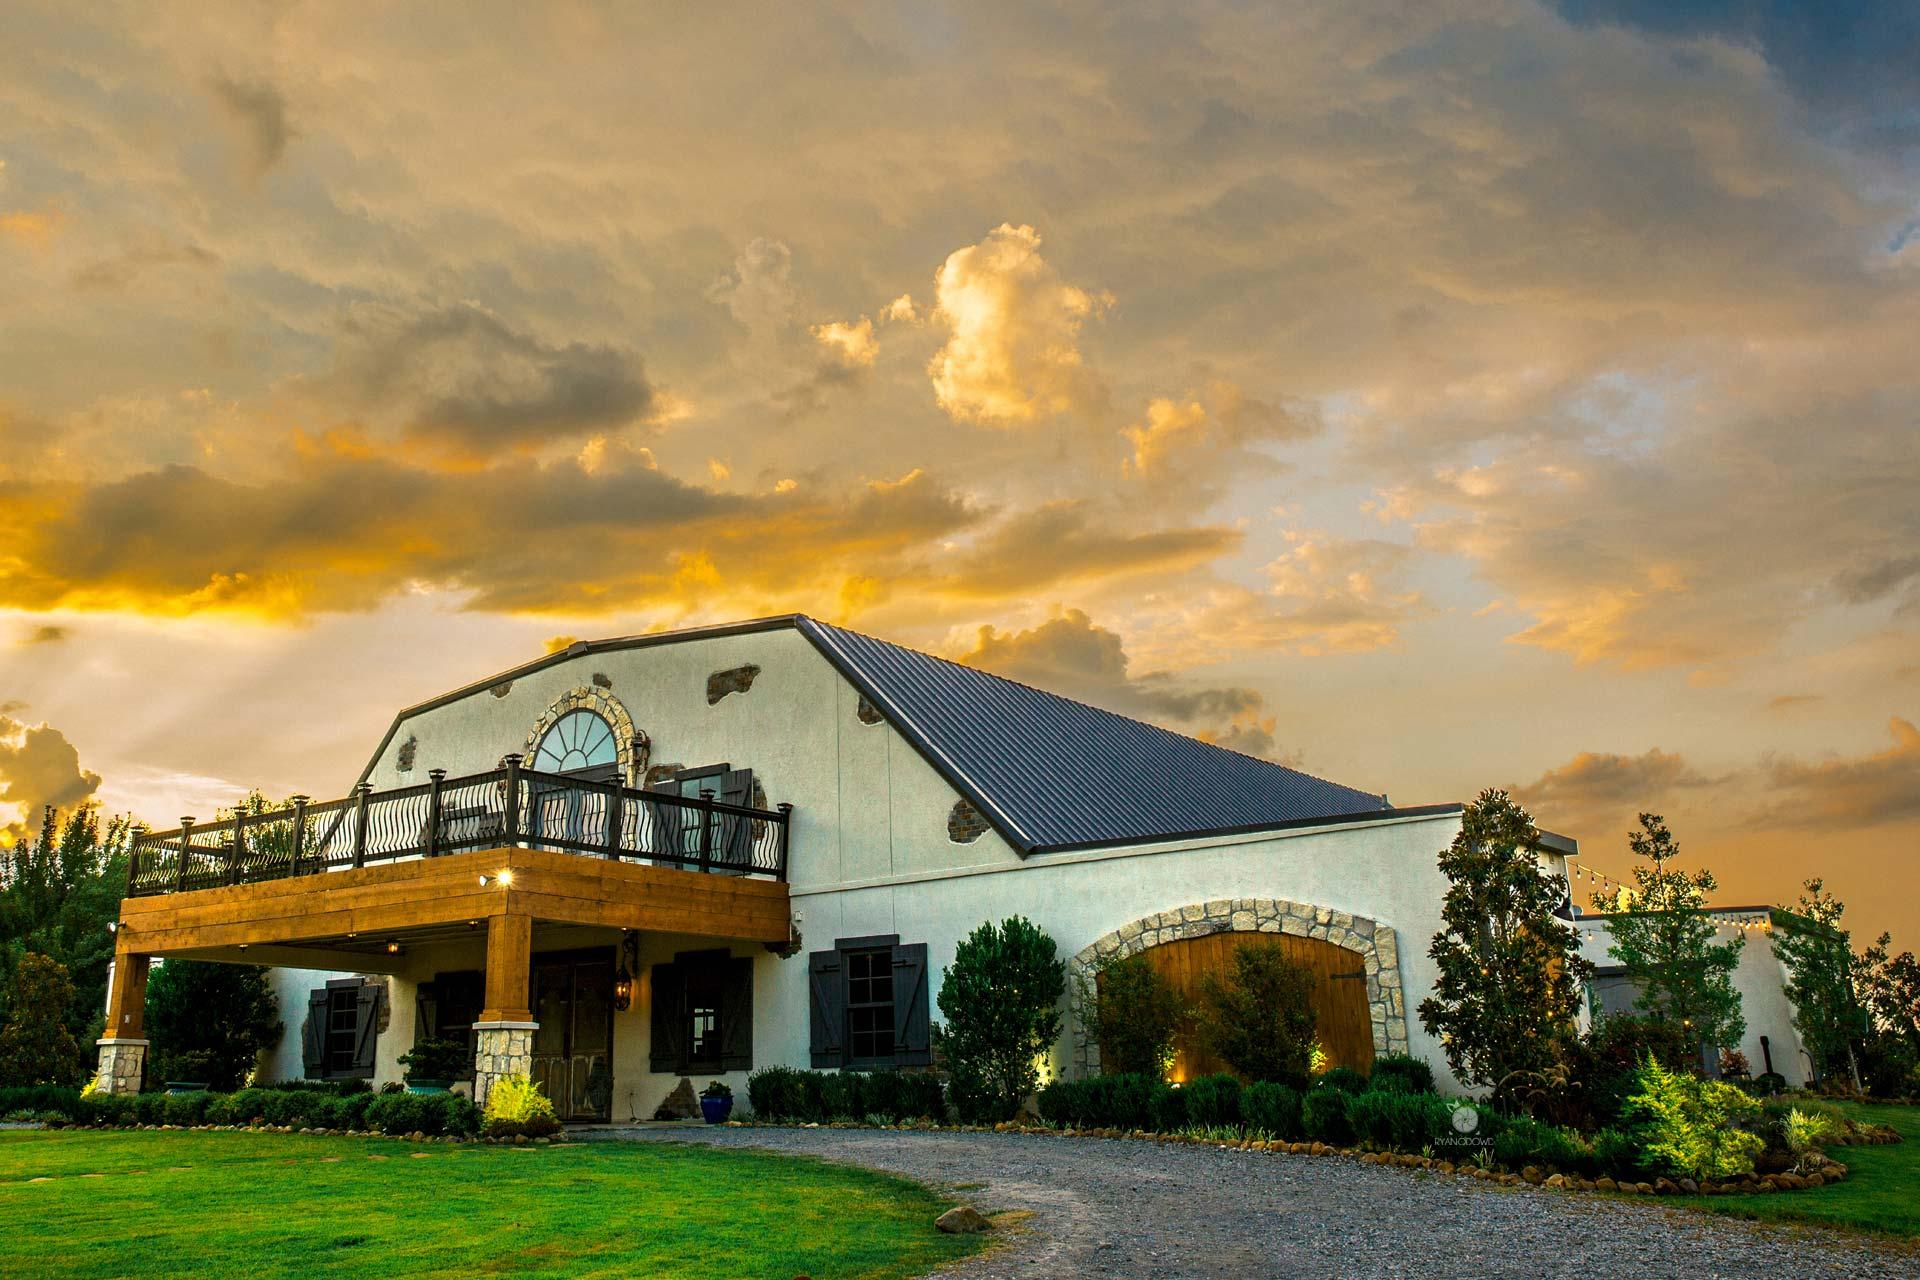 About The Venue - Outdoor Wedding Venue North Texas